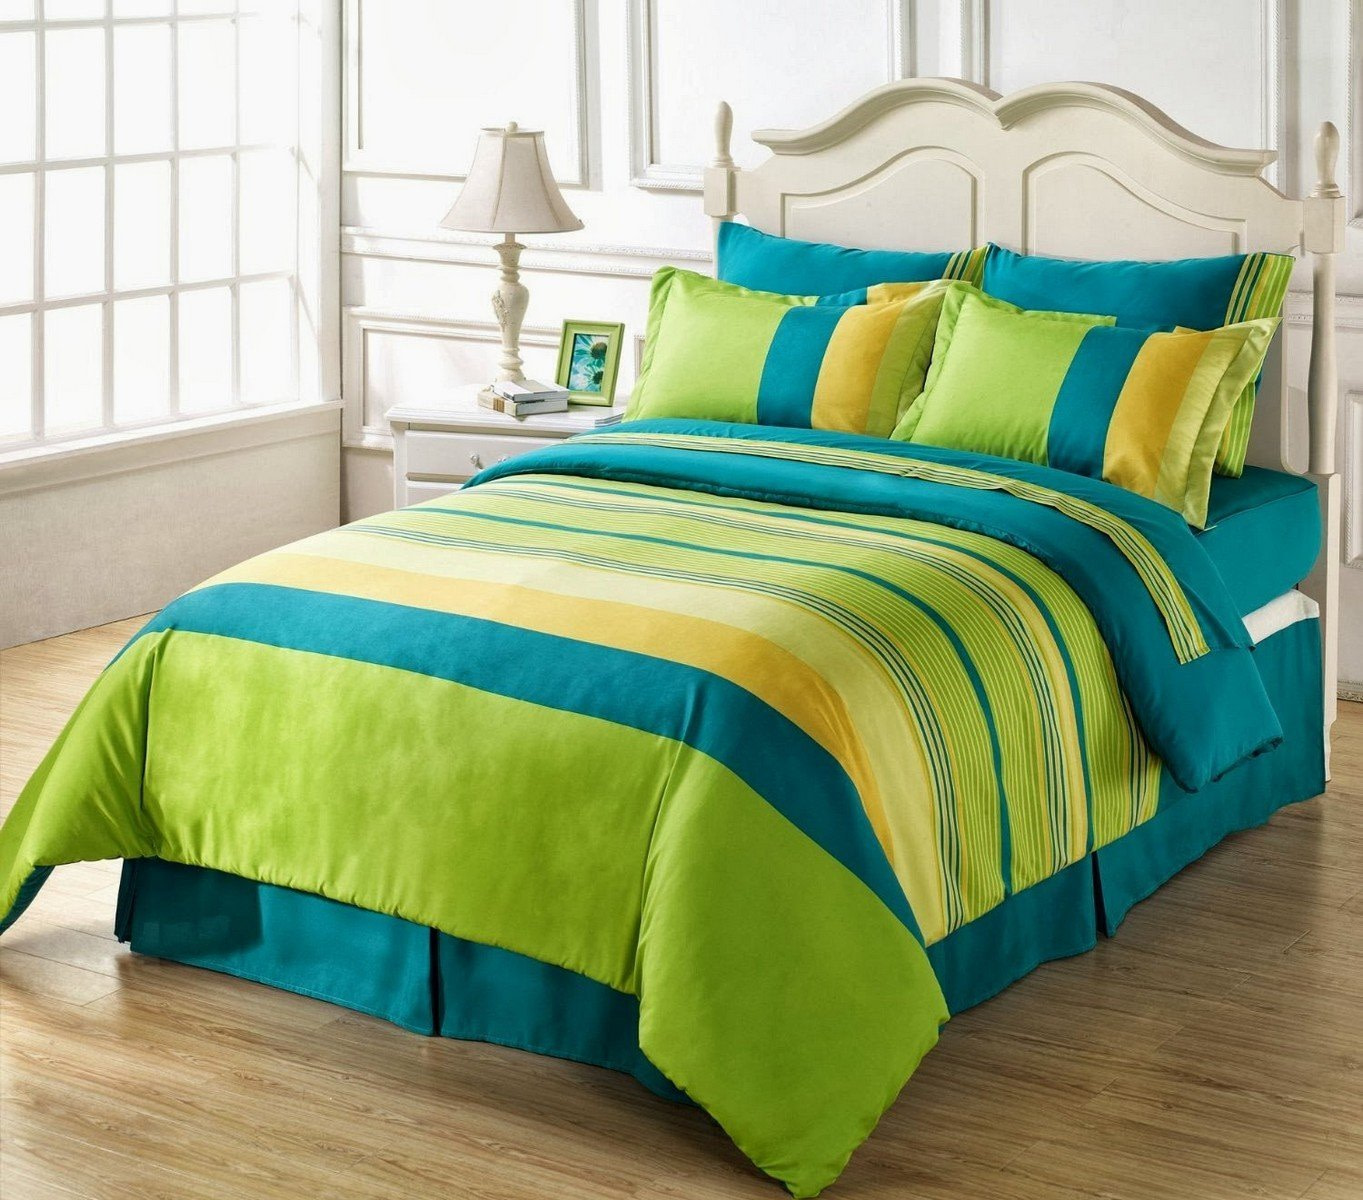 URBANA Ultimate Green Double Bedsheet